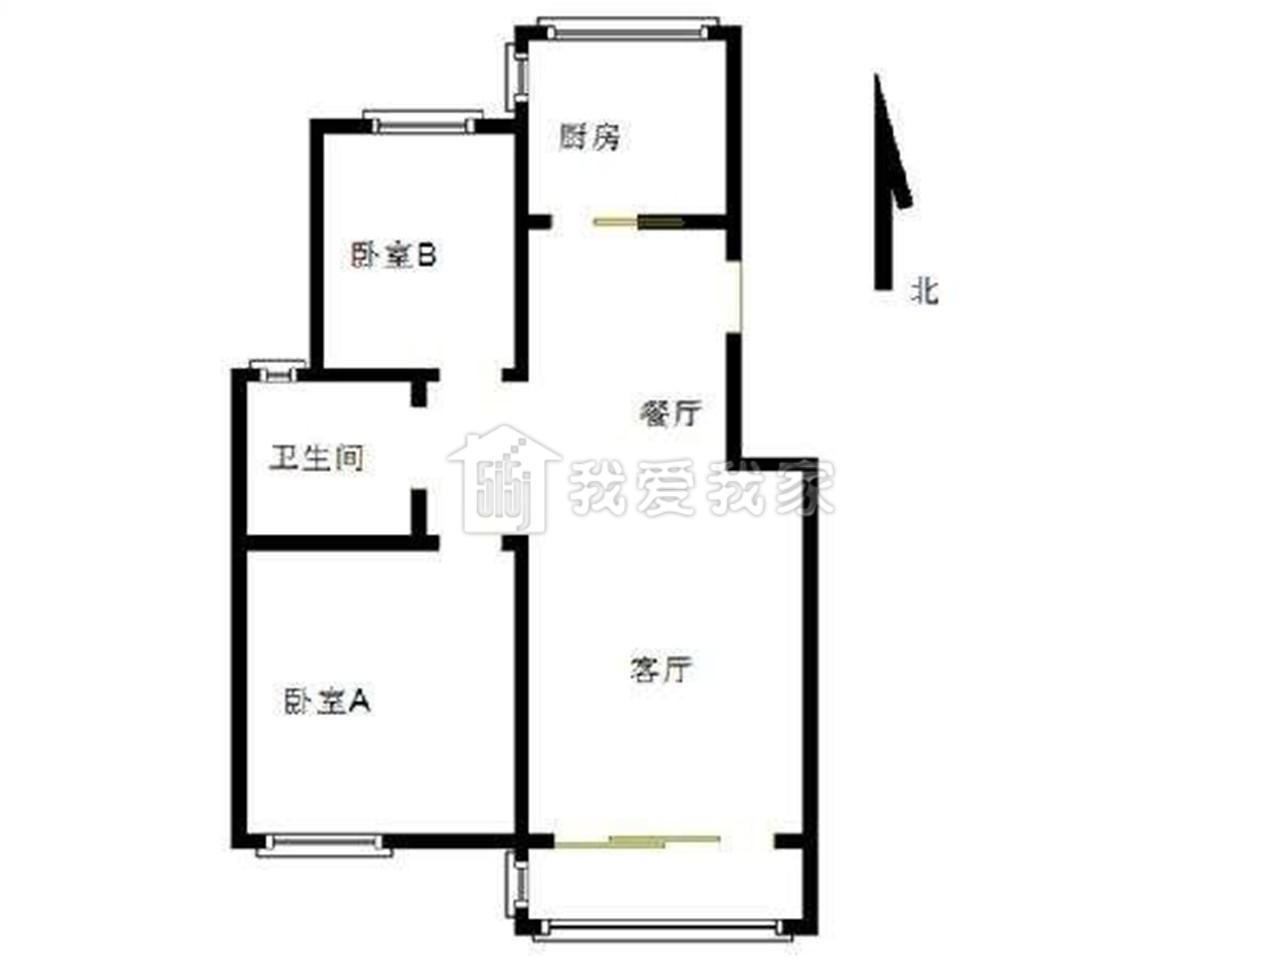 雨花台区宁南君悦湖滨花园2室2厅户型图